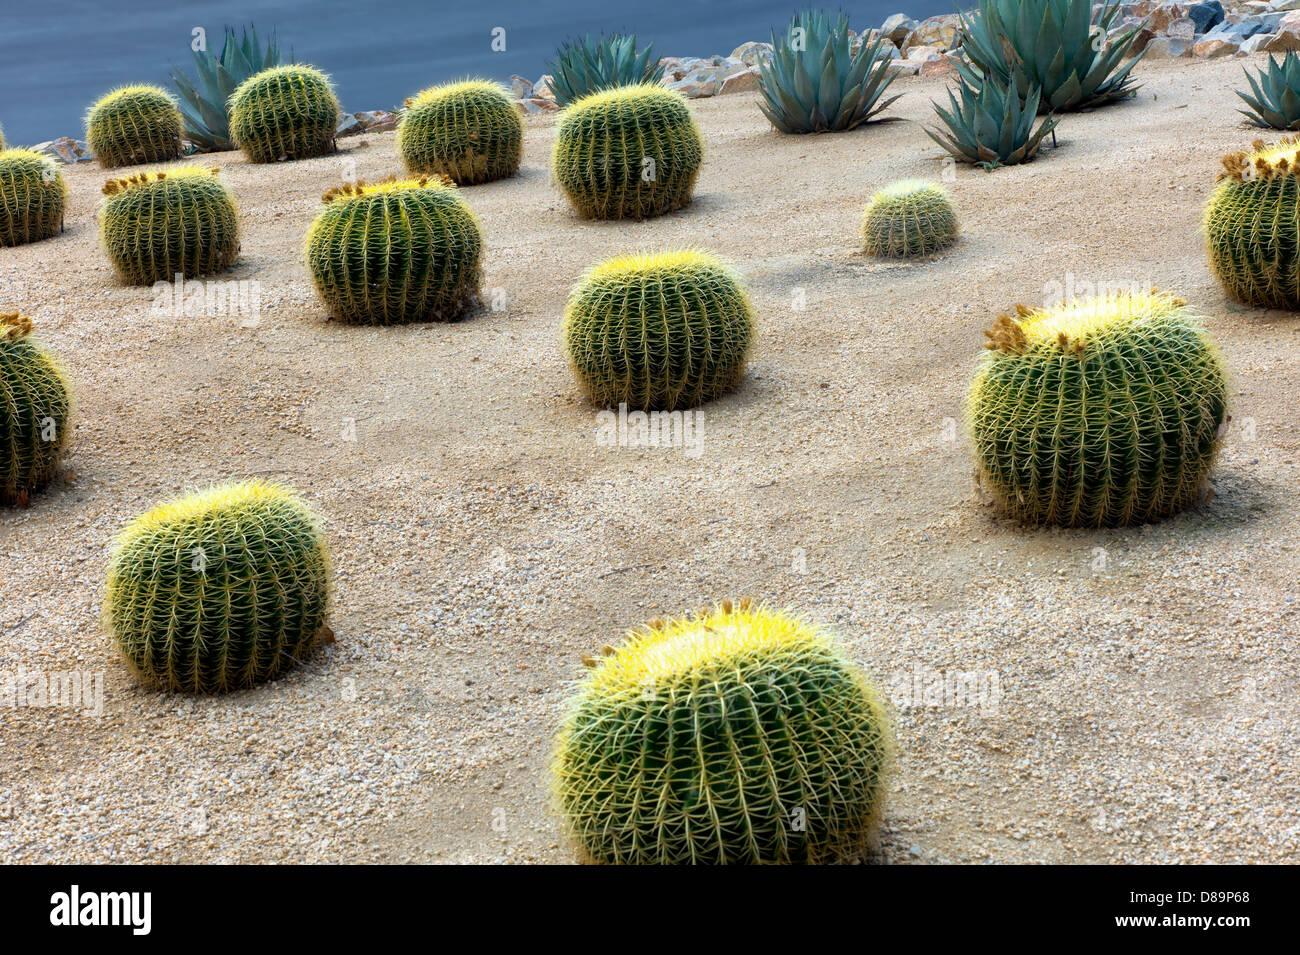 Golden Barrell Cactus Garden. Palm Springs, California   Stock Image